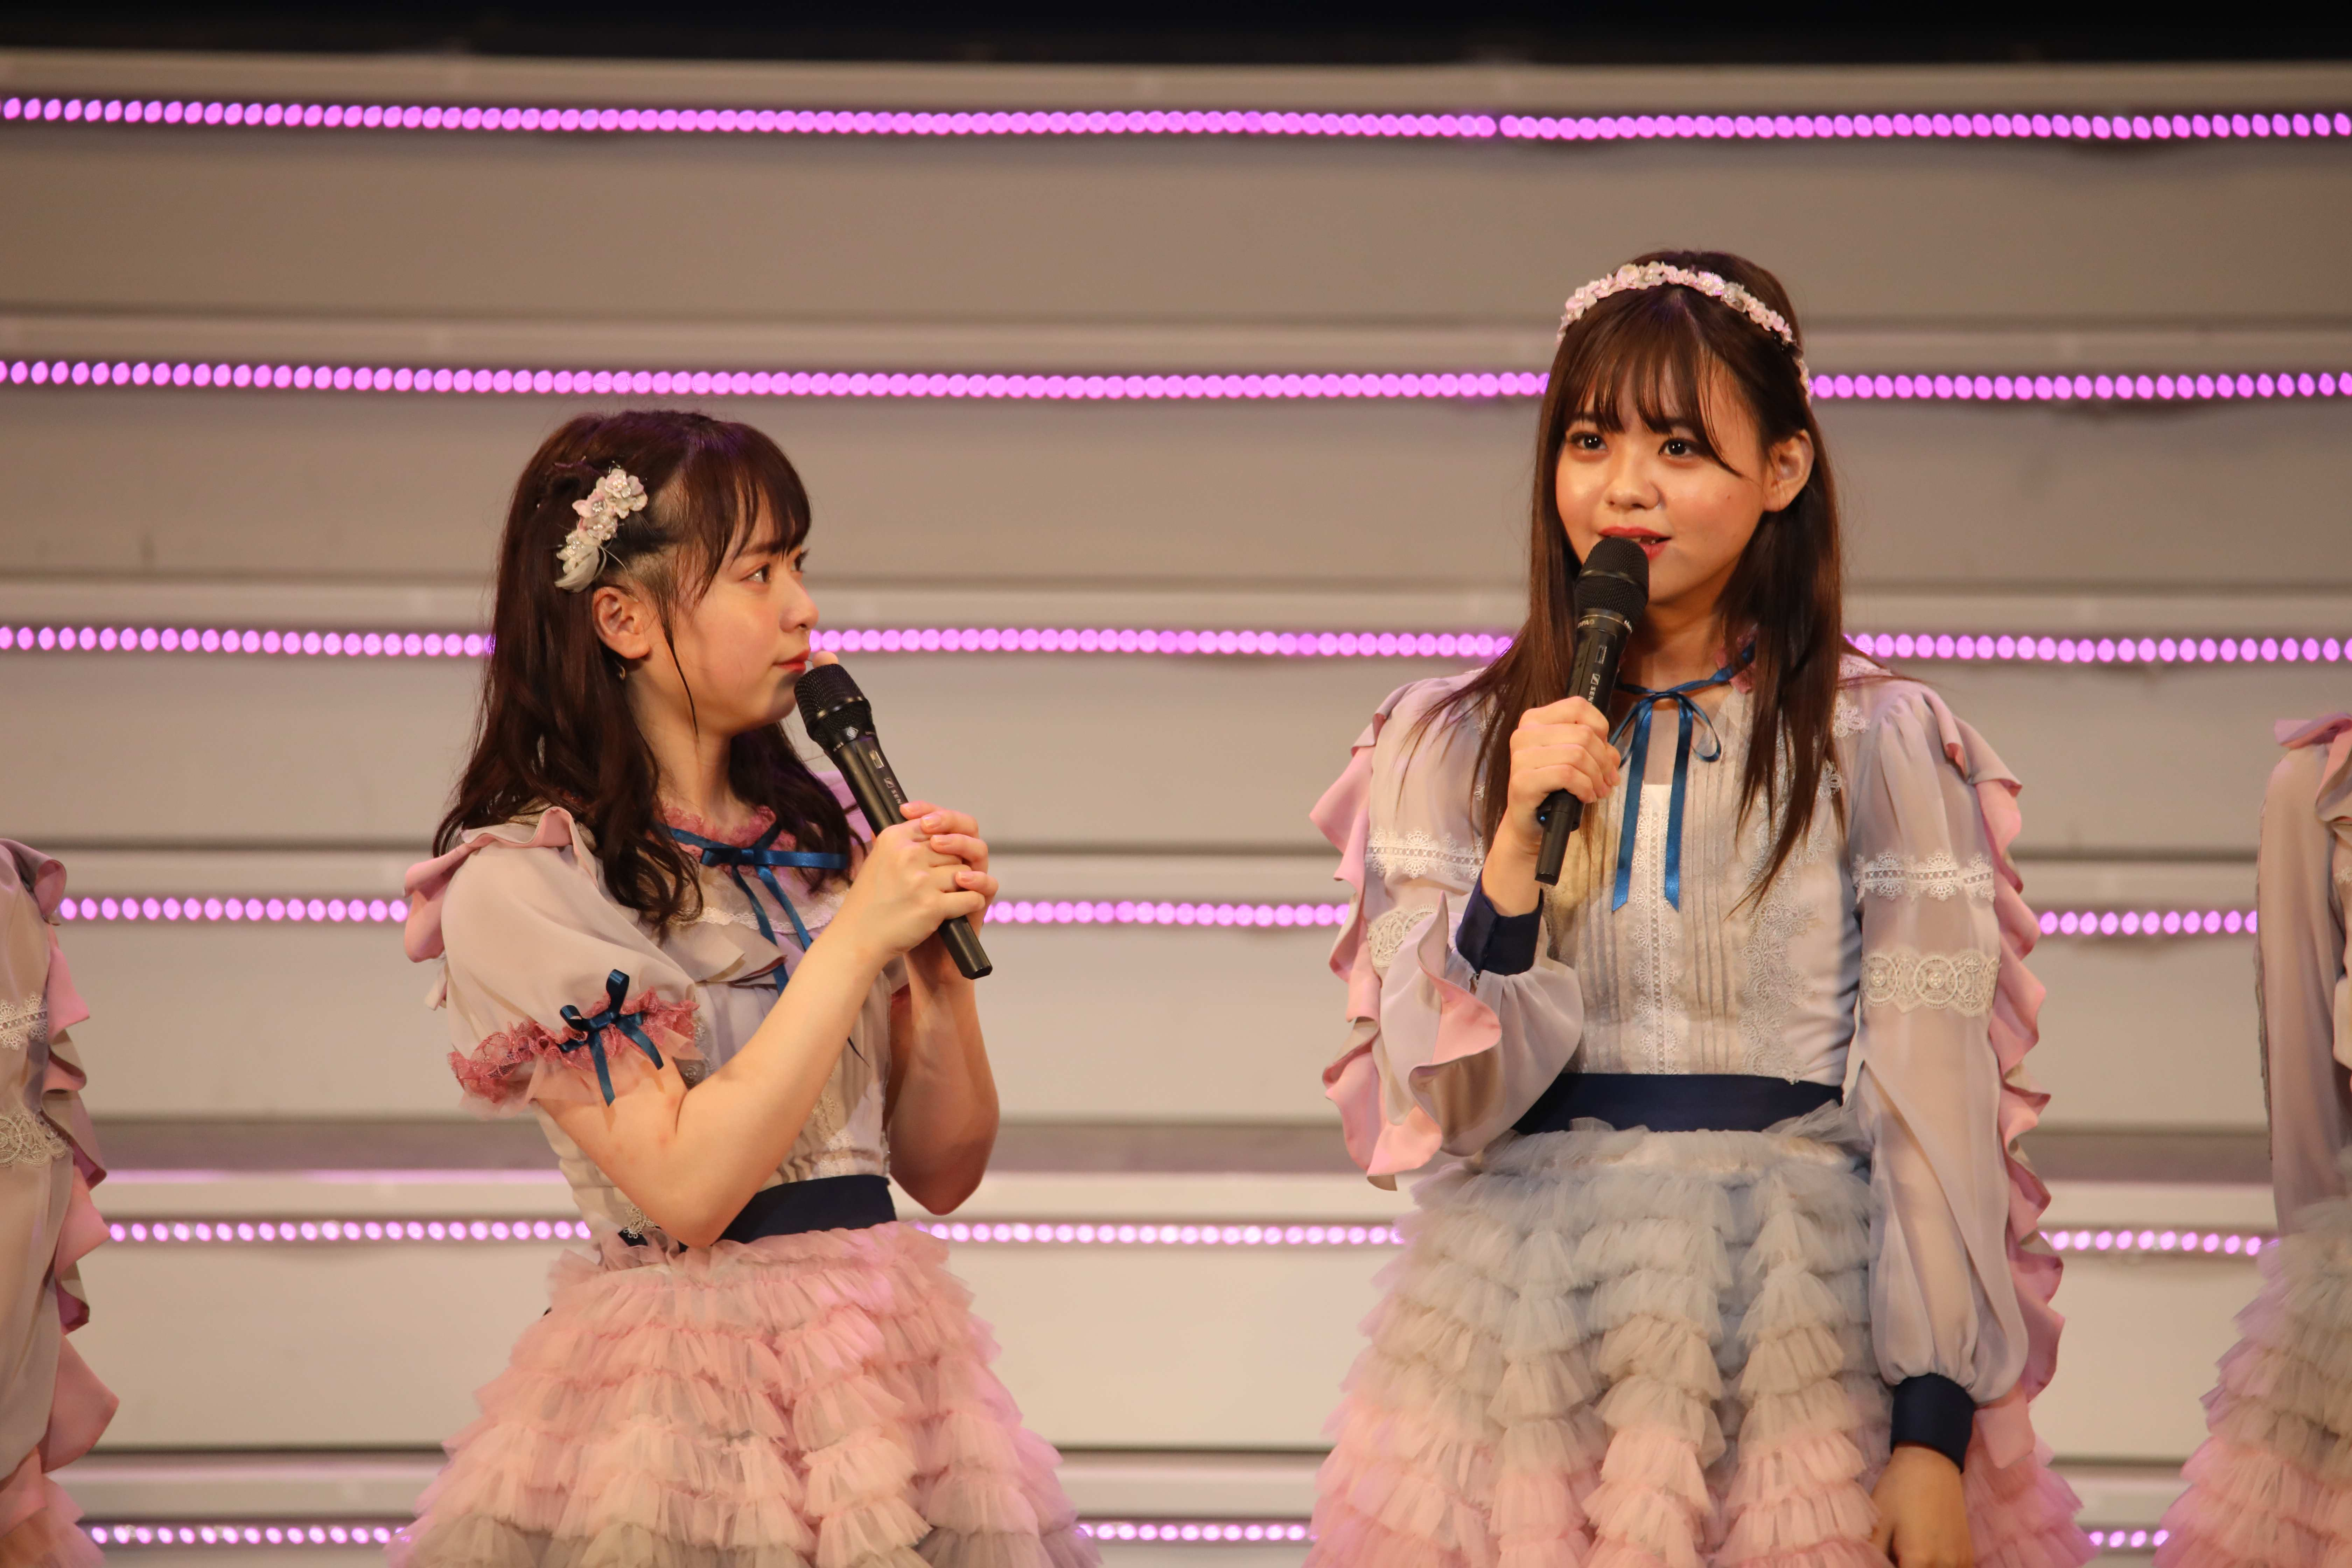 「たくさんのファンの方に見守られて歌うことができて幸せでした」 ©AKB48 THE AUDISHOW製作委員会 無断アップロード及び転送は一切禁止です。